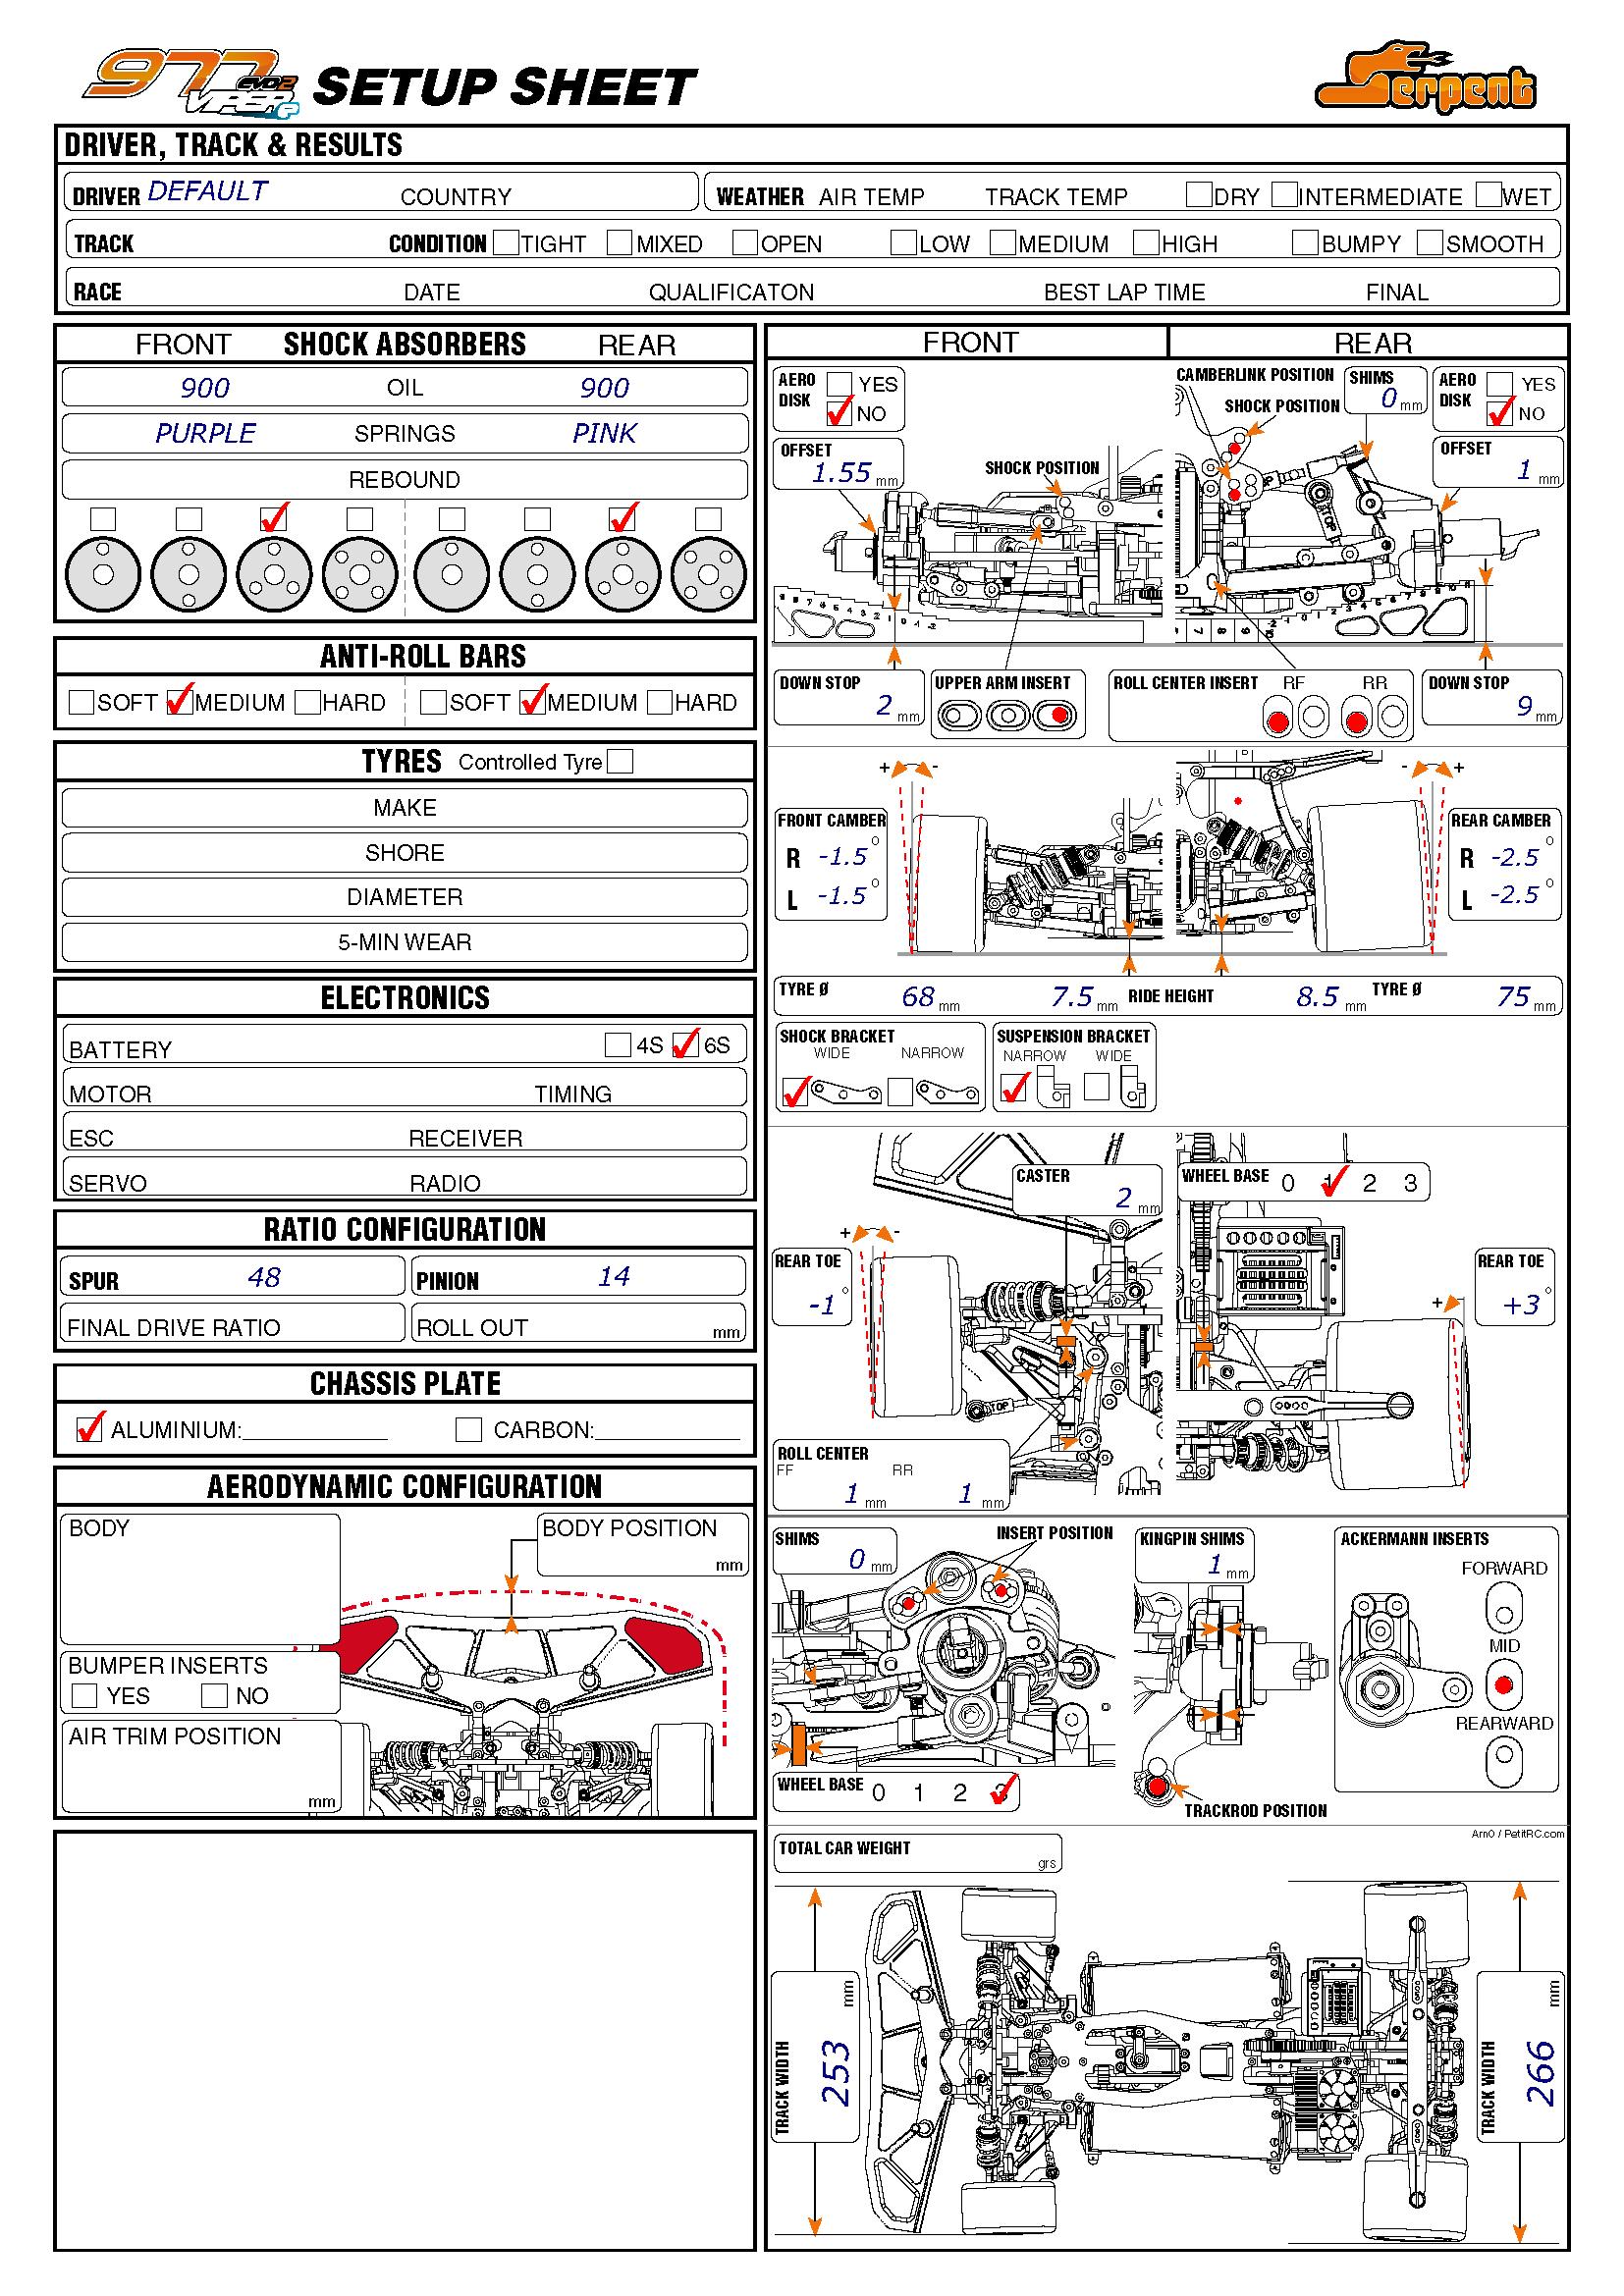 Serpent 977e Evo2 - Default Setup